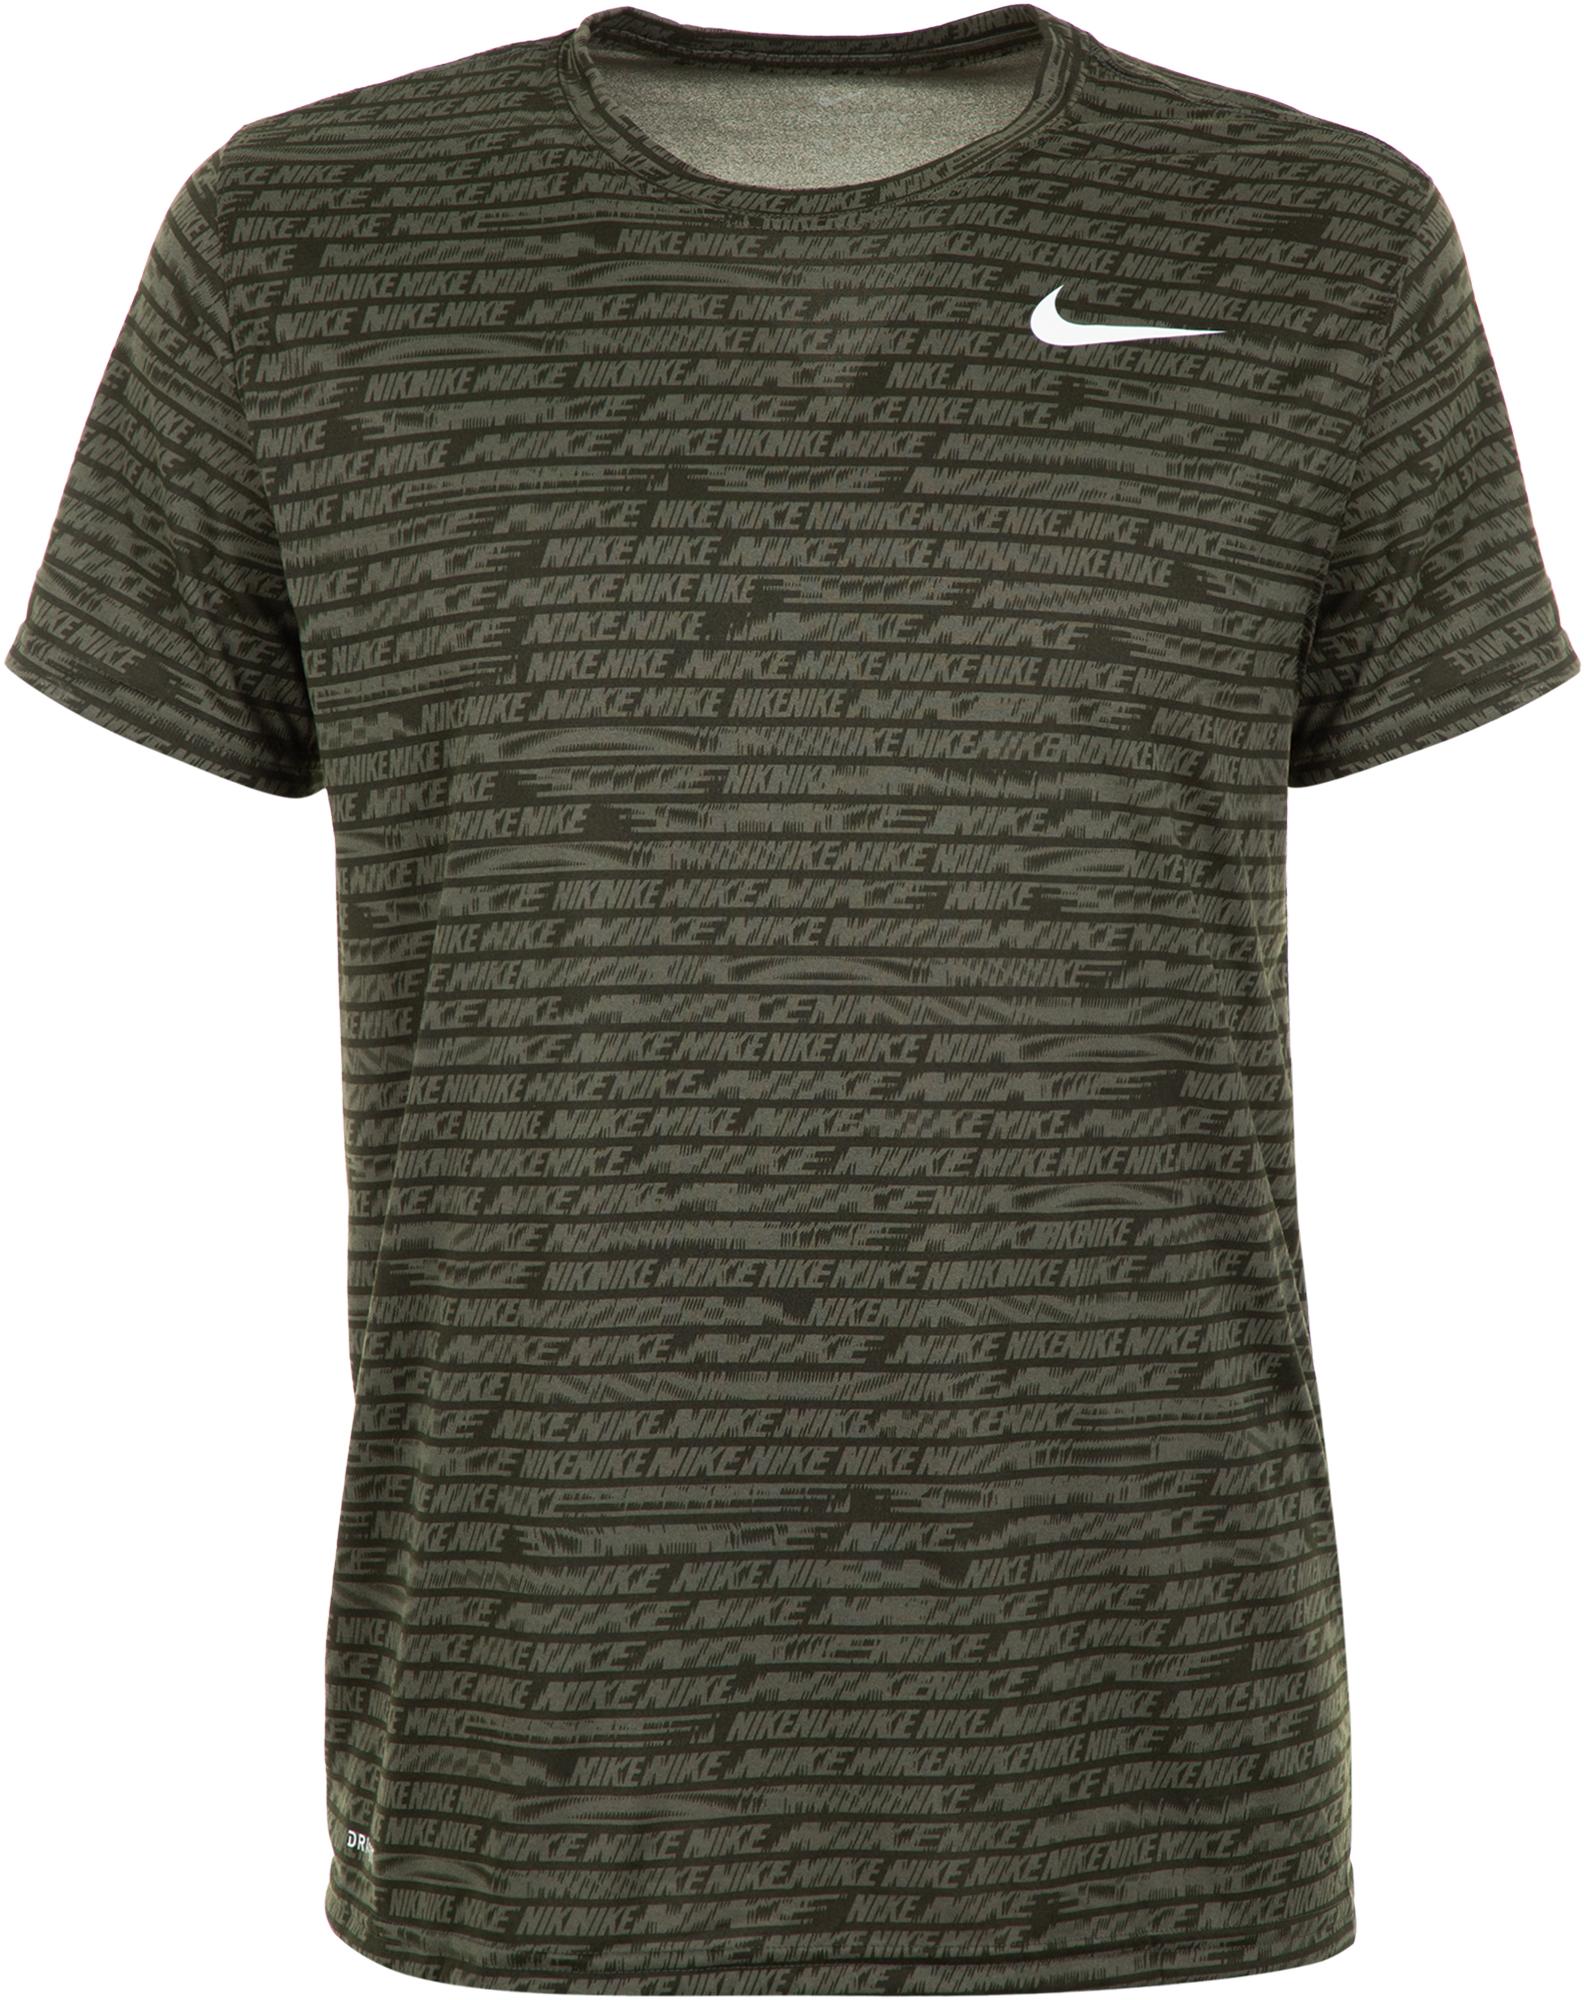 Nike Футболка мужская Dry, размер 50-52